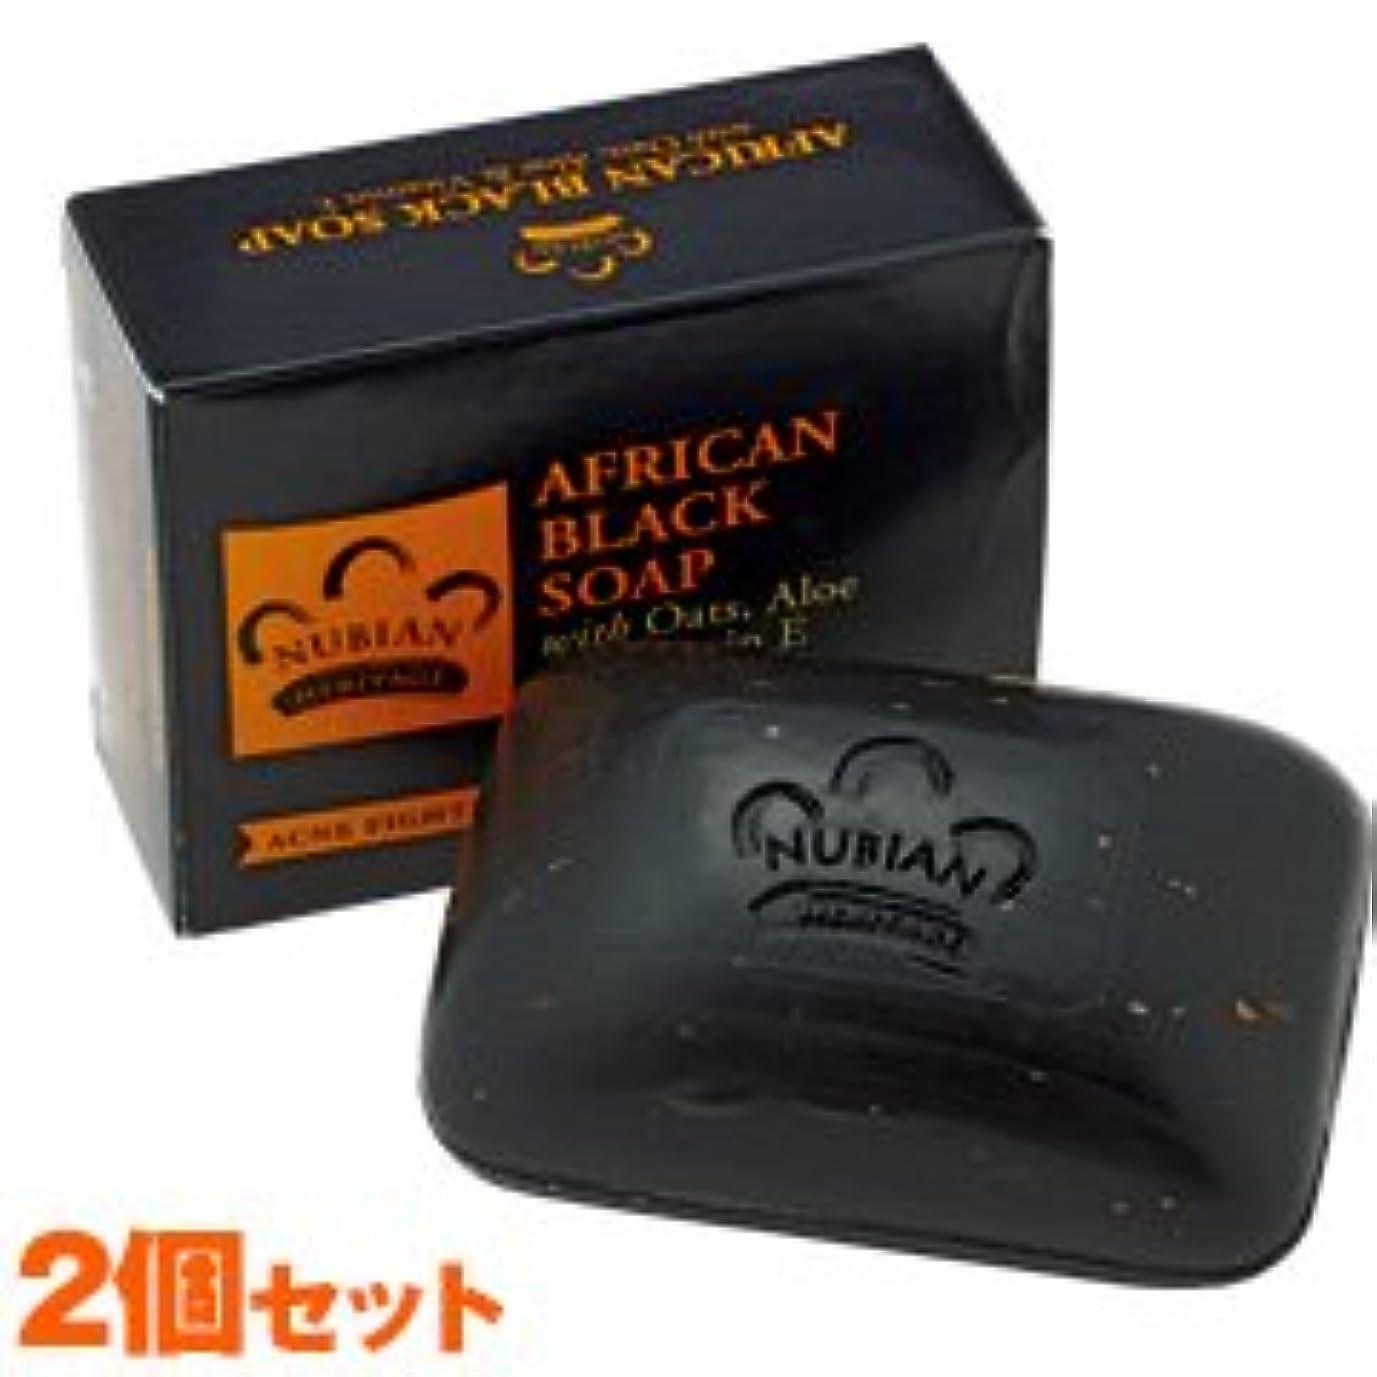 シャワー振るうドリンクヌビアン ヘリテージ(NUBIAN HERITAGE)アフリカン ブラック ソープバー 2個セット 141gX2[並行輸入品][海外直送品]